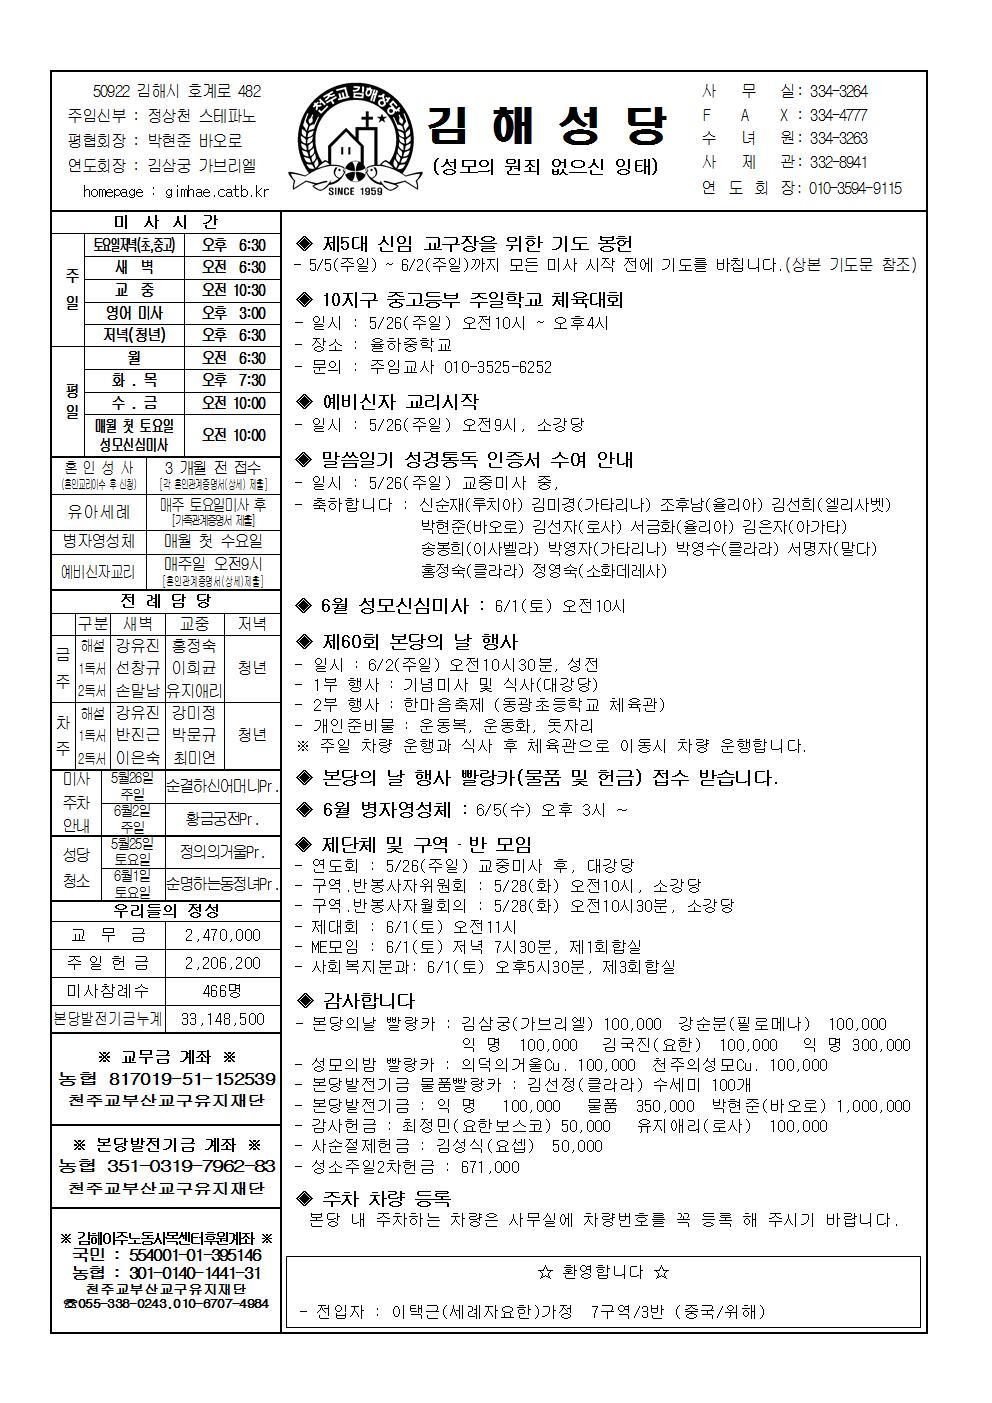 김해20190526001001.jpg